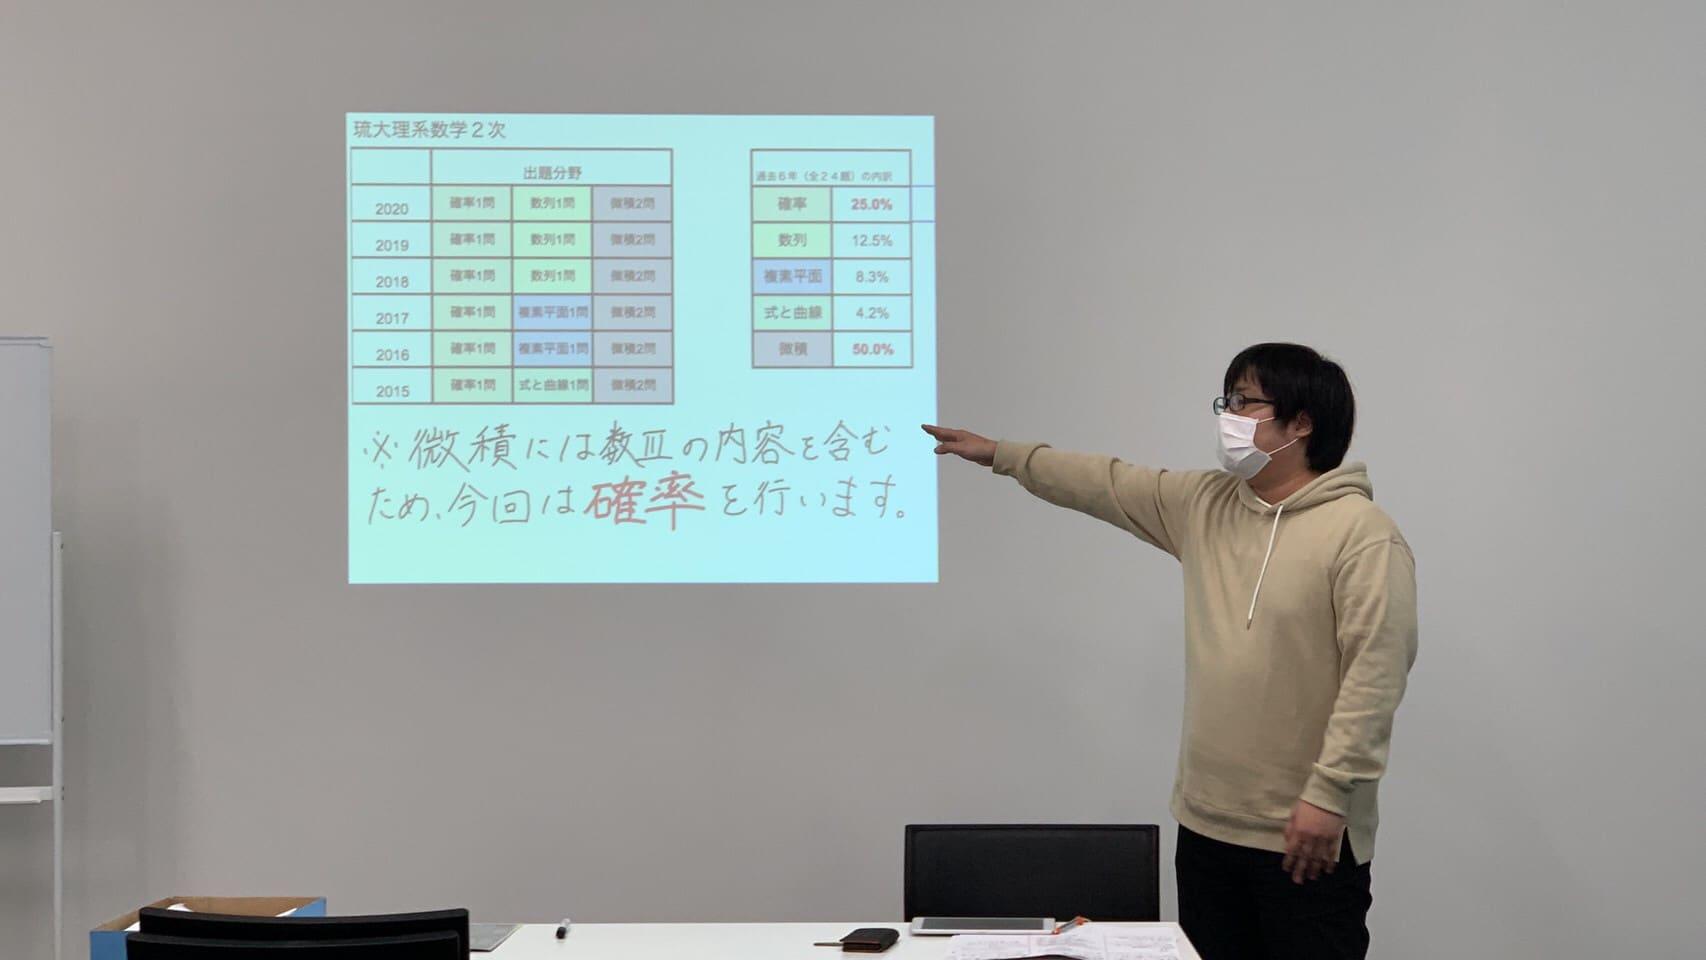 琉球大学対策の数学の授業画像。